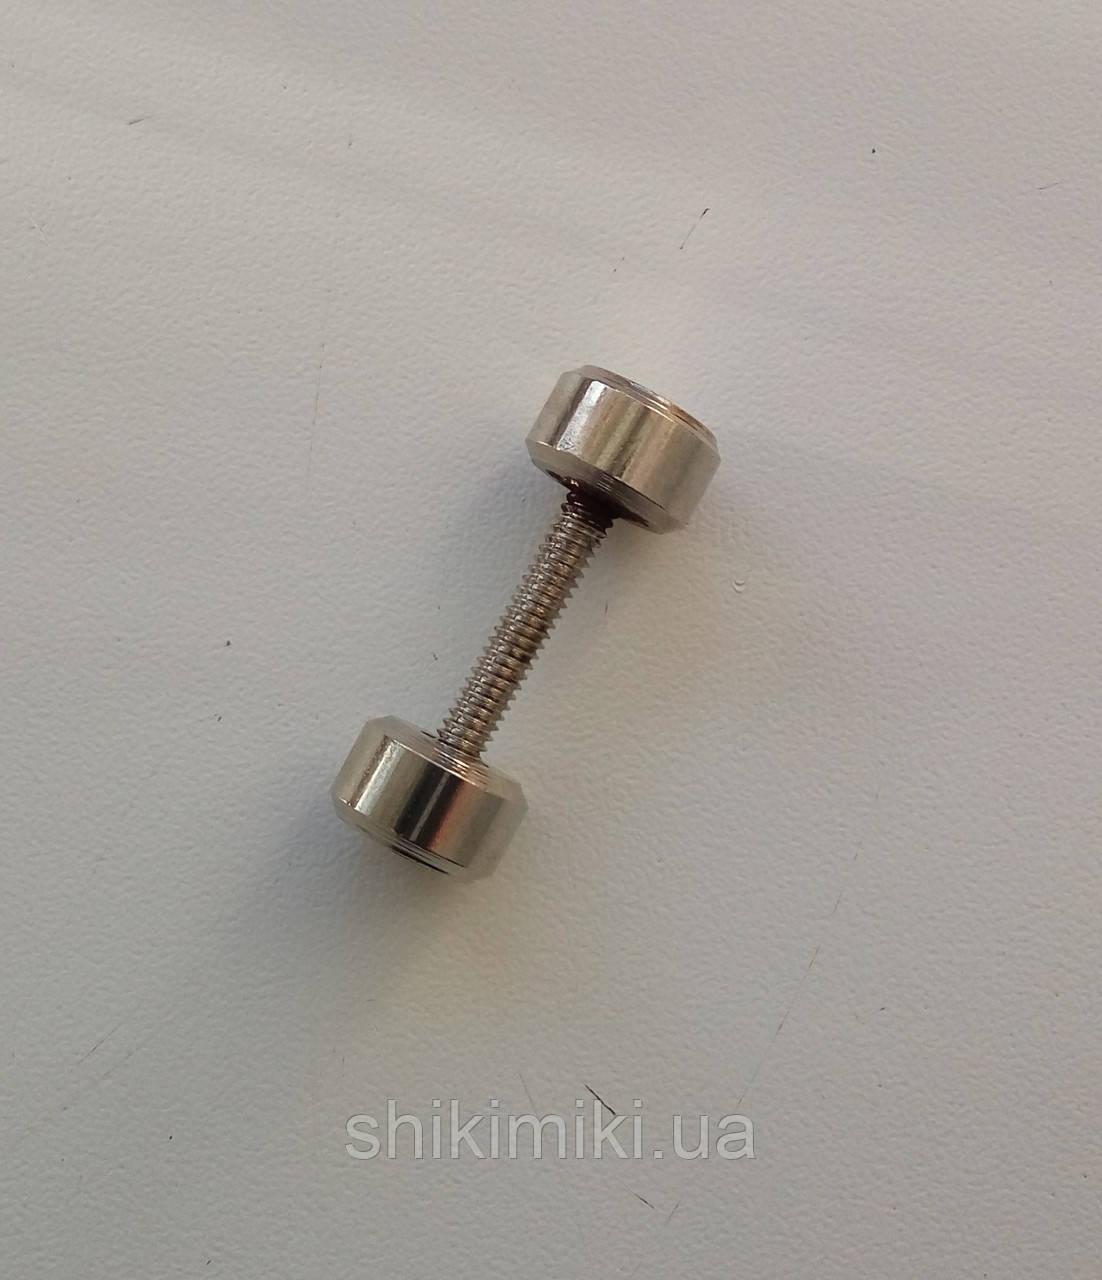 Штанга SH01-1 (18 мм), цвет никель